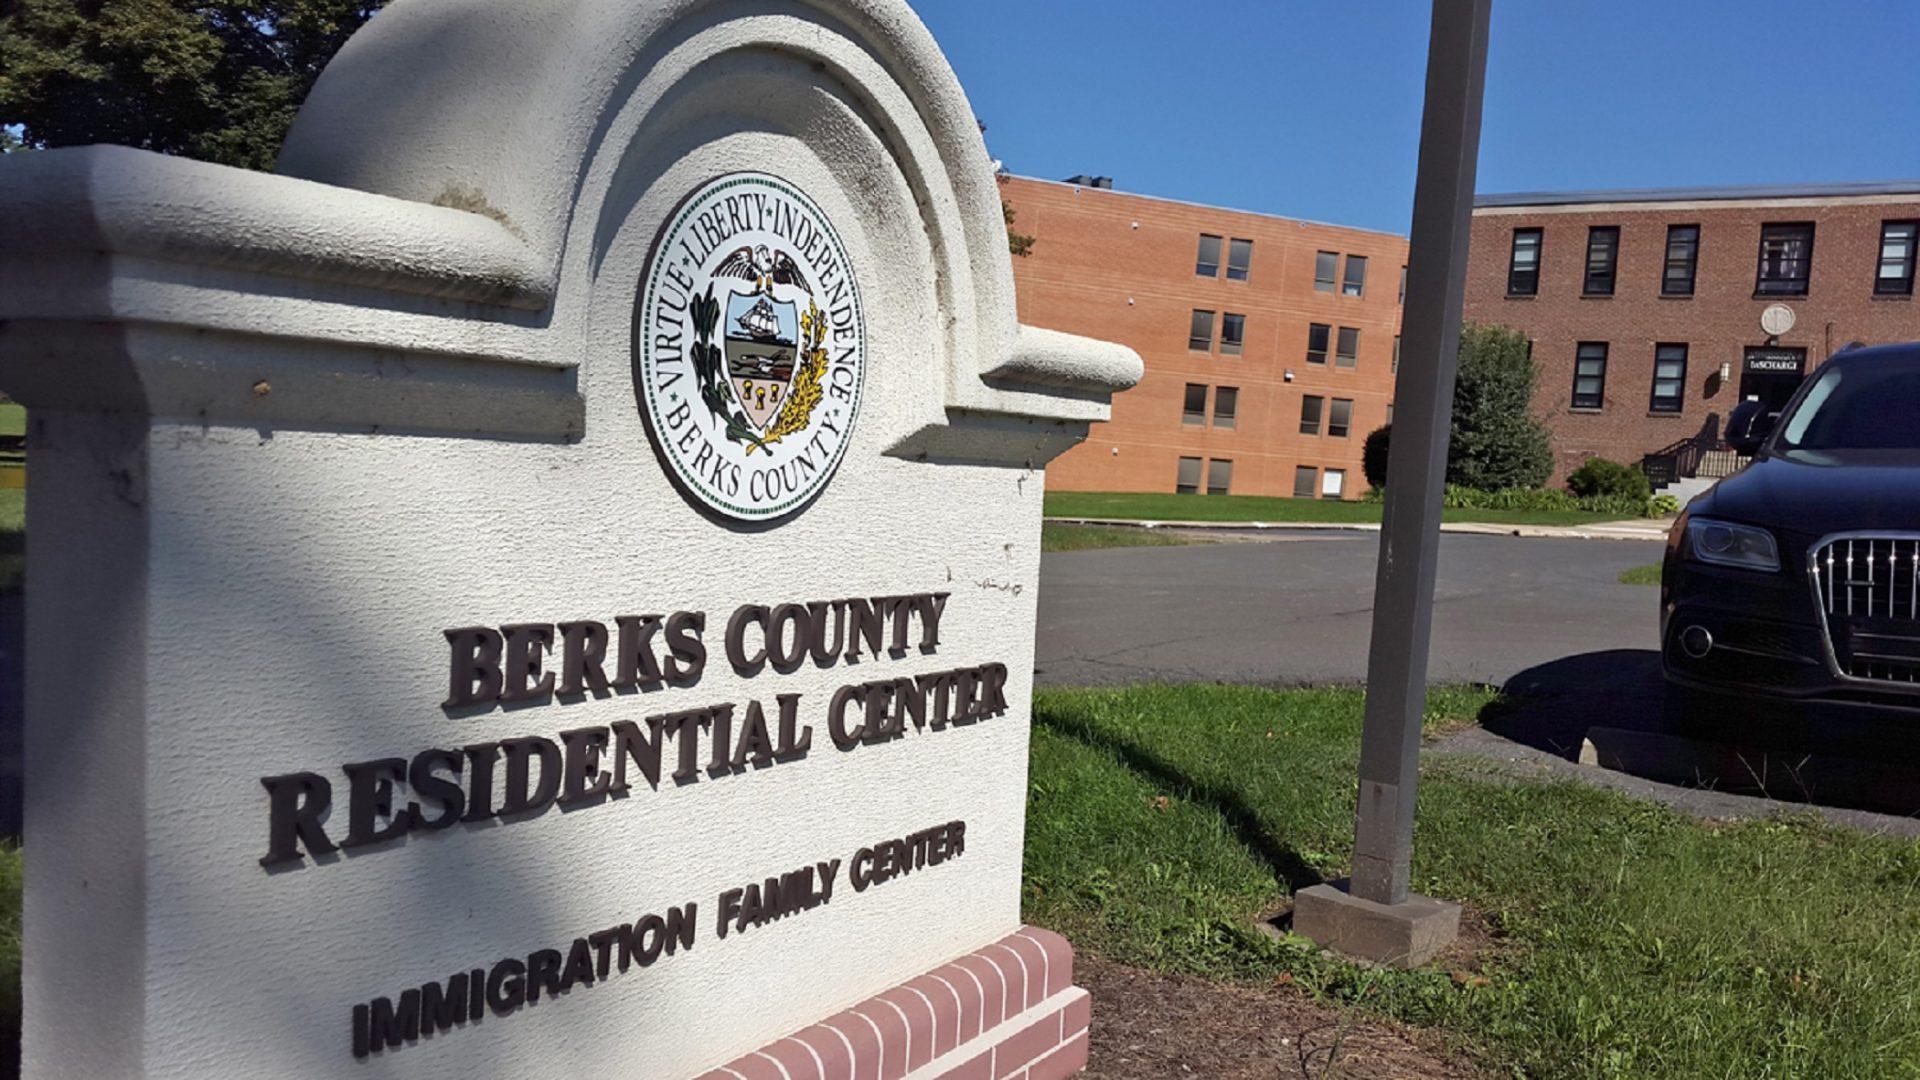 Berks County Residential Center. Oct. 6, 2016